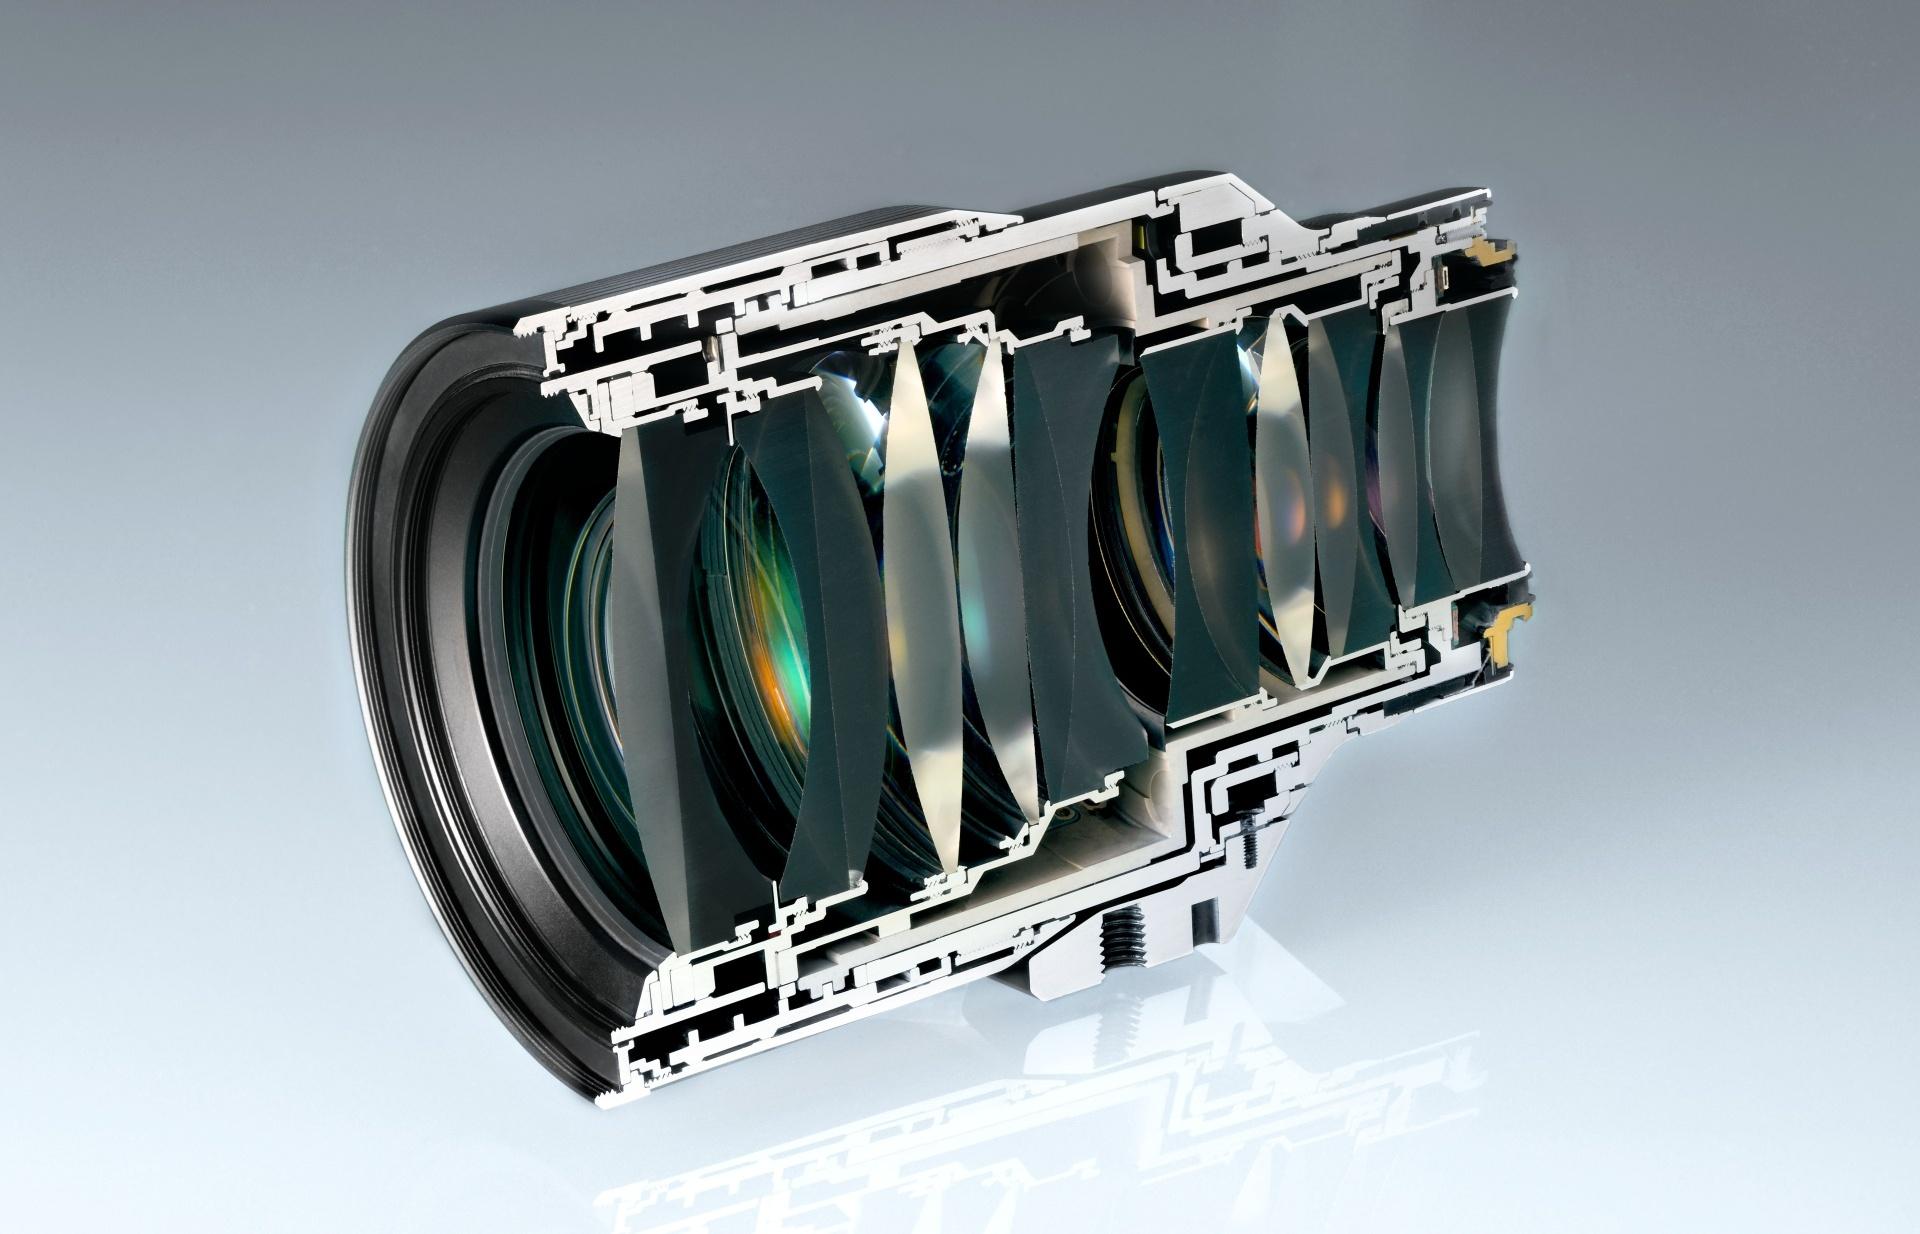 Řez objektivem NikkorZ 58mm f/0,95 S Noct